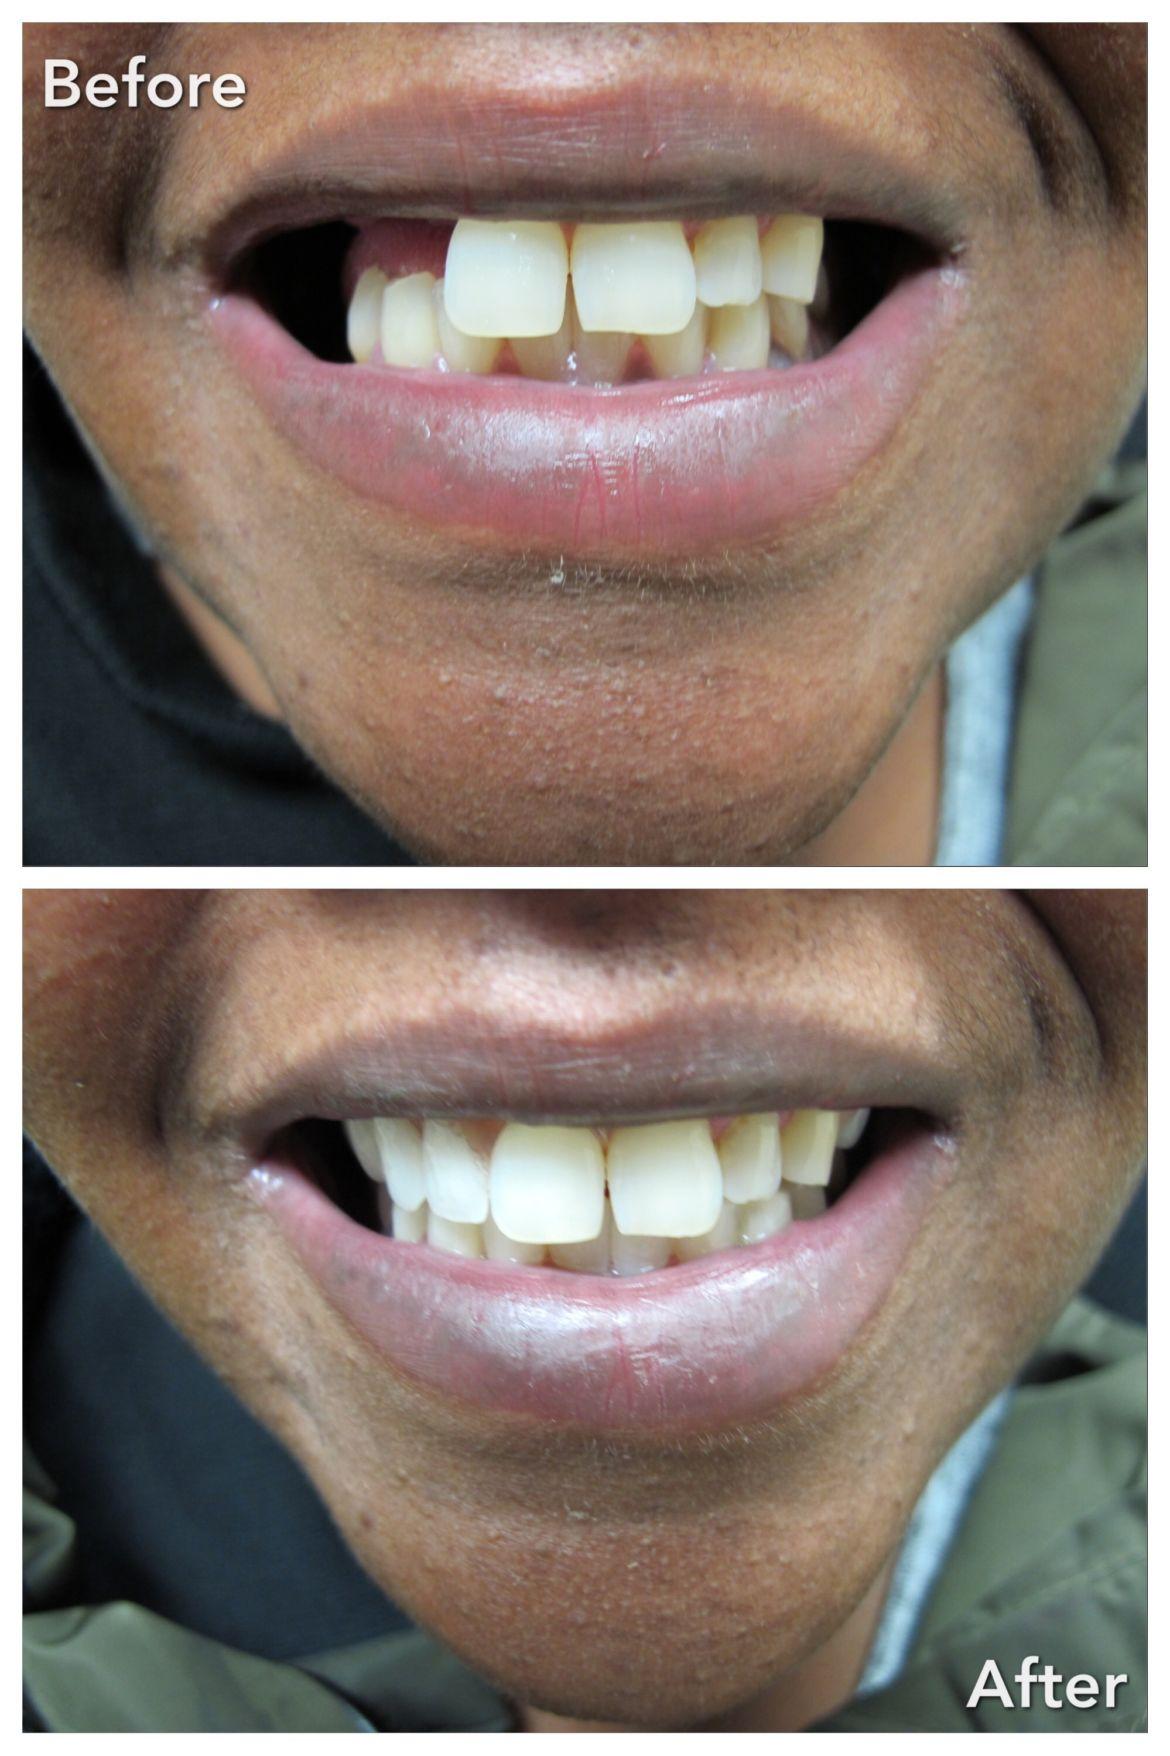 Partial Denture Treatment